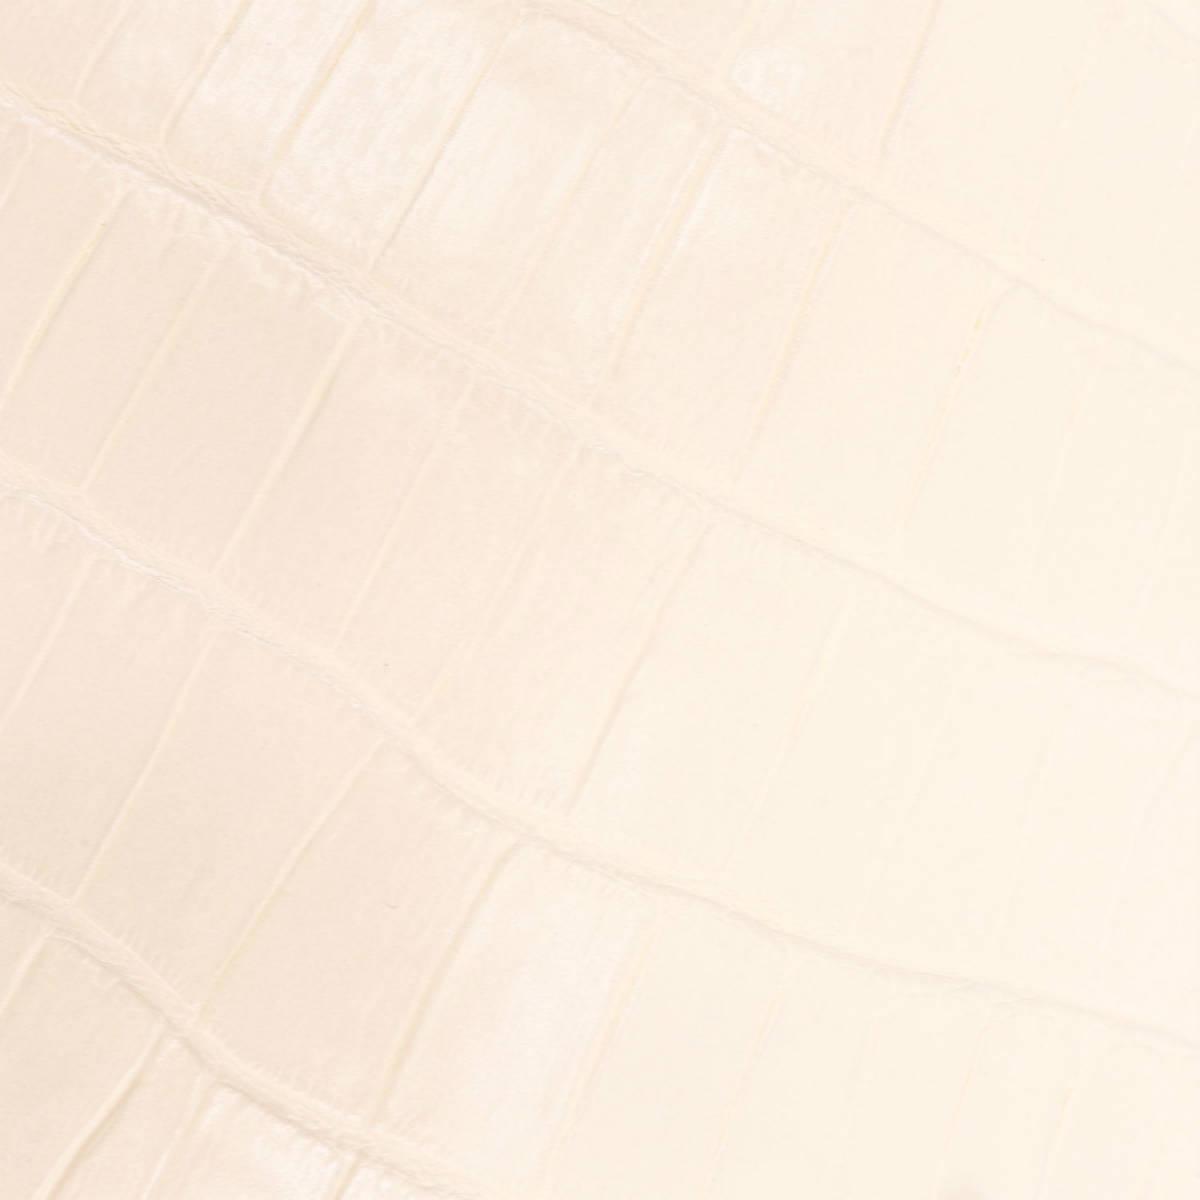 フェリージ Felisi クロコダイル型押し エンボスレザー 縦型 2つ折り財布 758/SA POWDER(アイボリー)